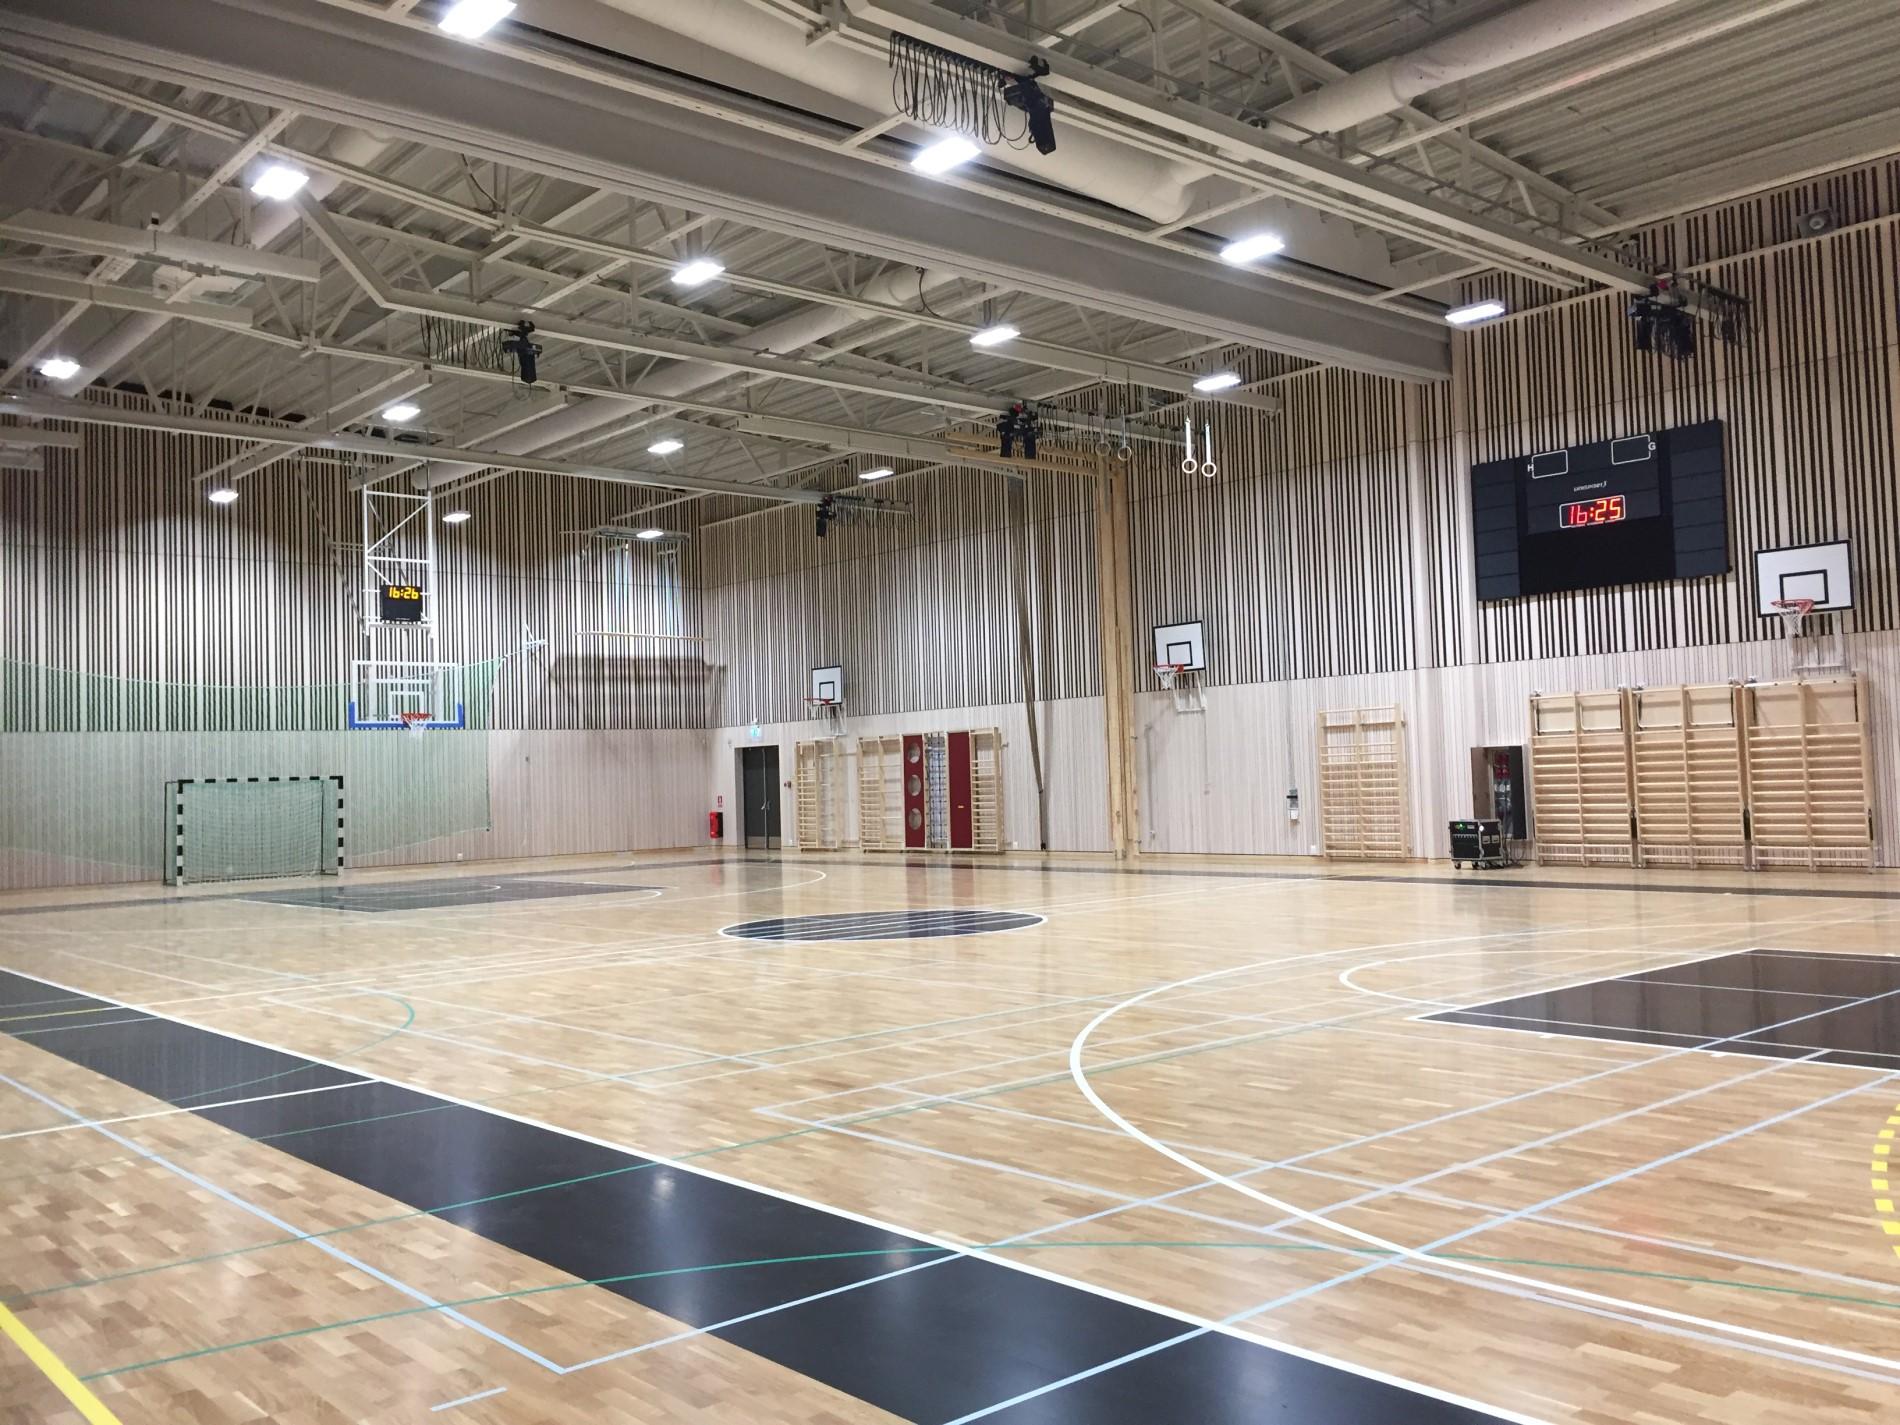 västervångshallen trelleborg sportgolv parkett sporthallsinredning unisport